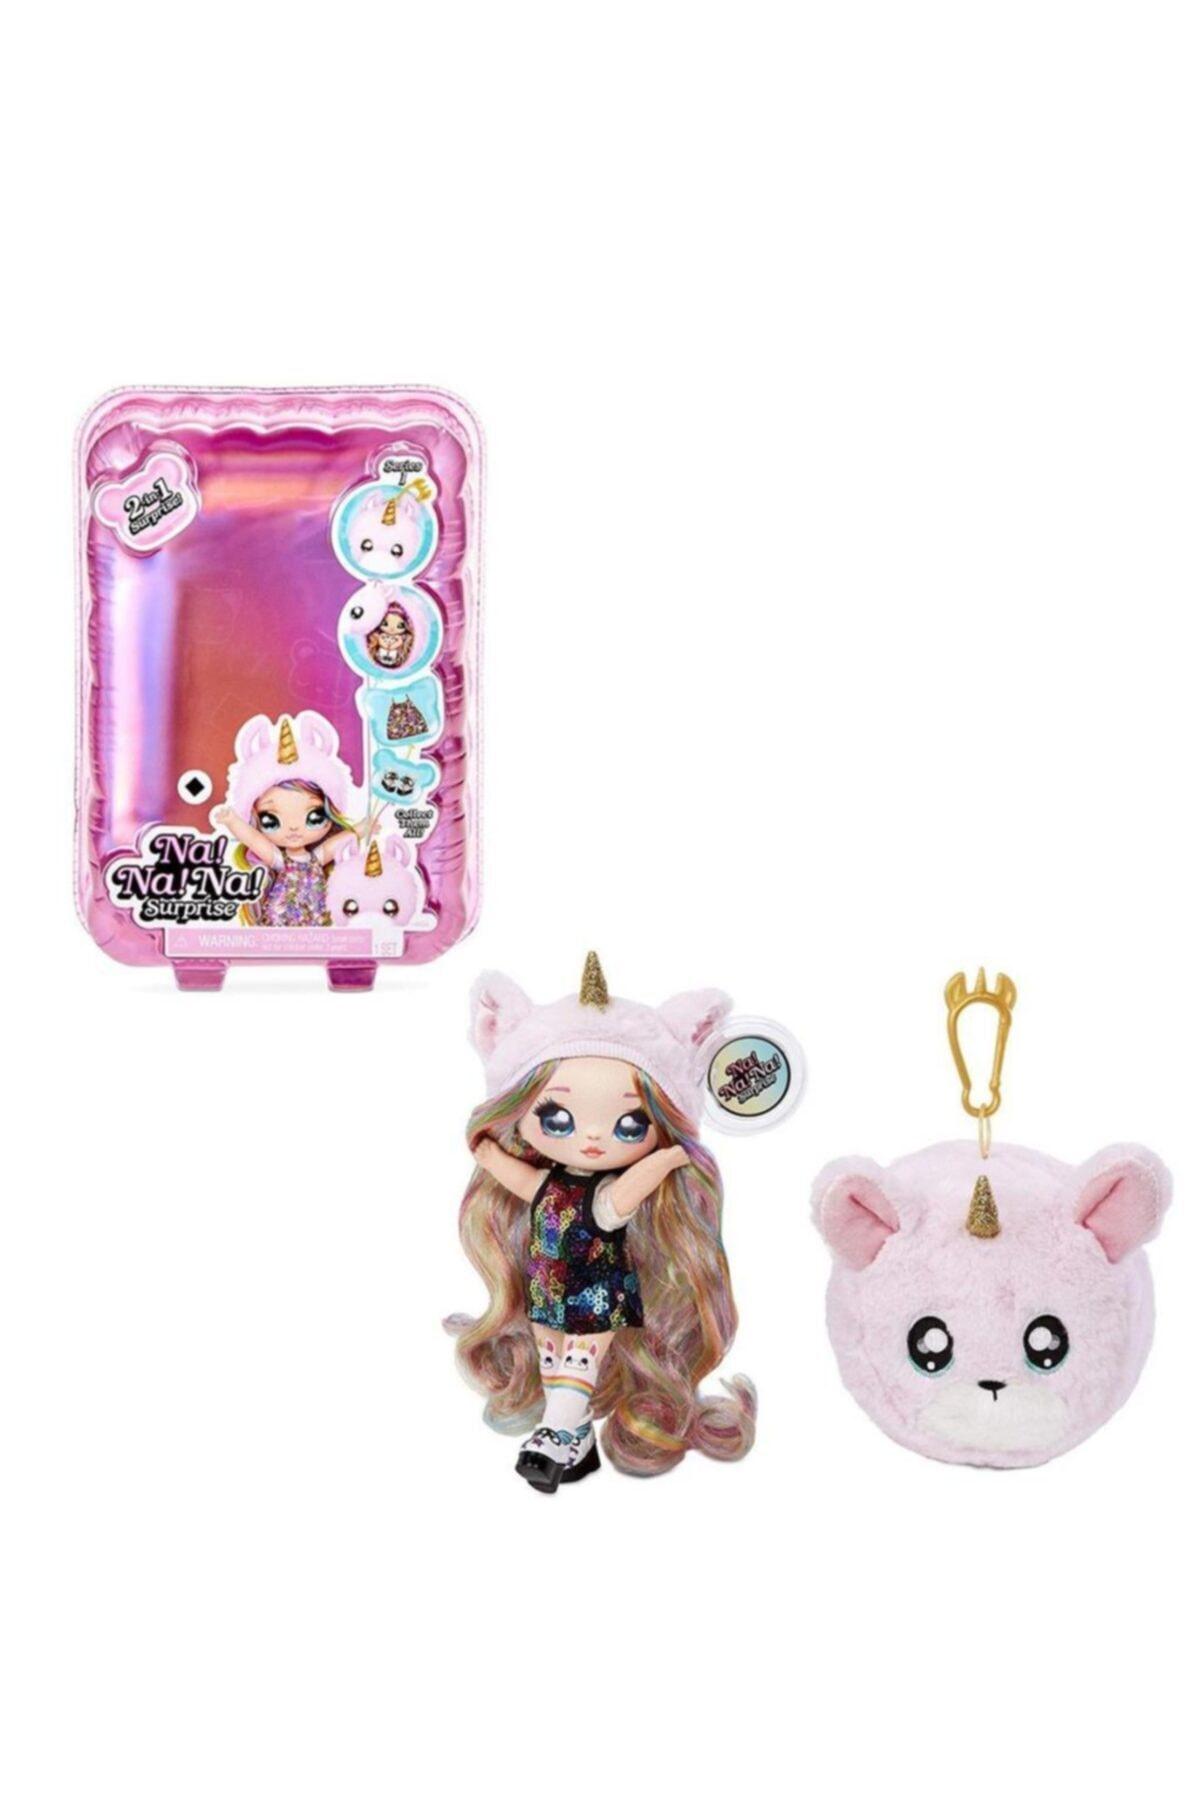 Nanana niespodzianka pluszowa seria pulpo odwracalne игрушки nadziewane zabawki